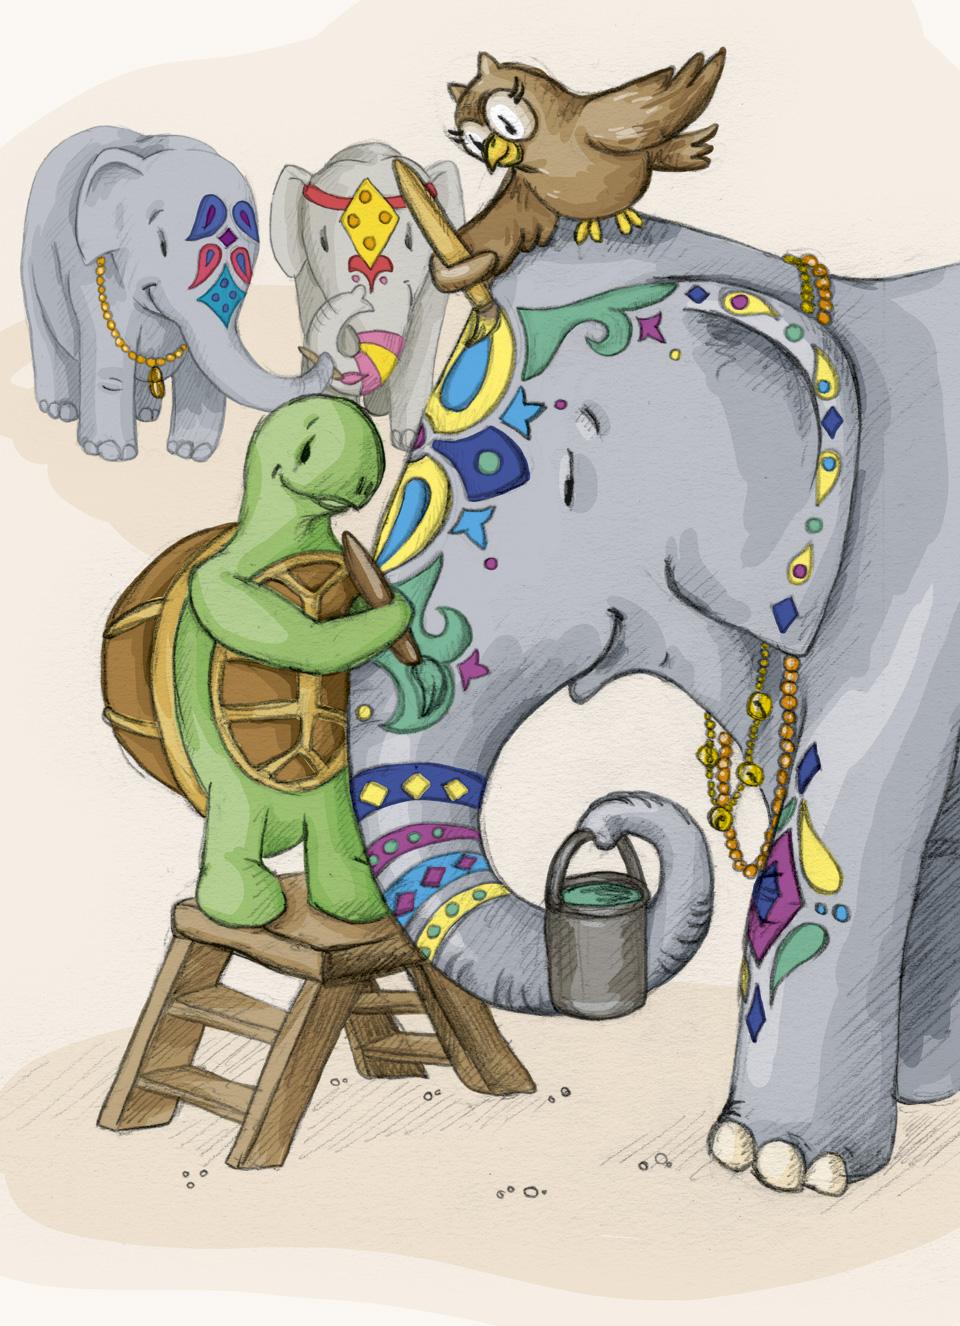 Schuhuu malt ganz oben, Kröt brauch eine Leiter  um Rajesh zu helfen – ganz bunt soll er sein zum Elefantenfestival.